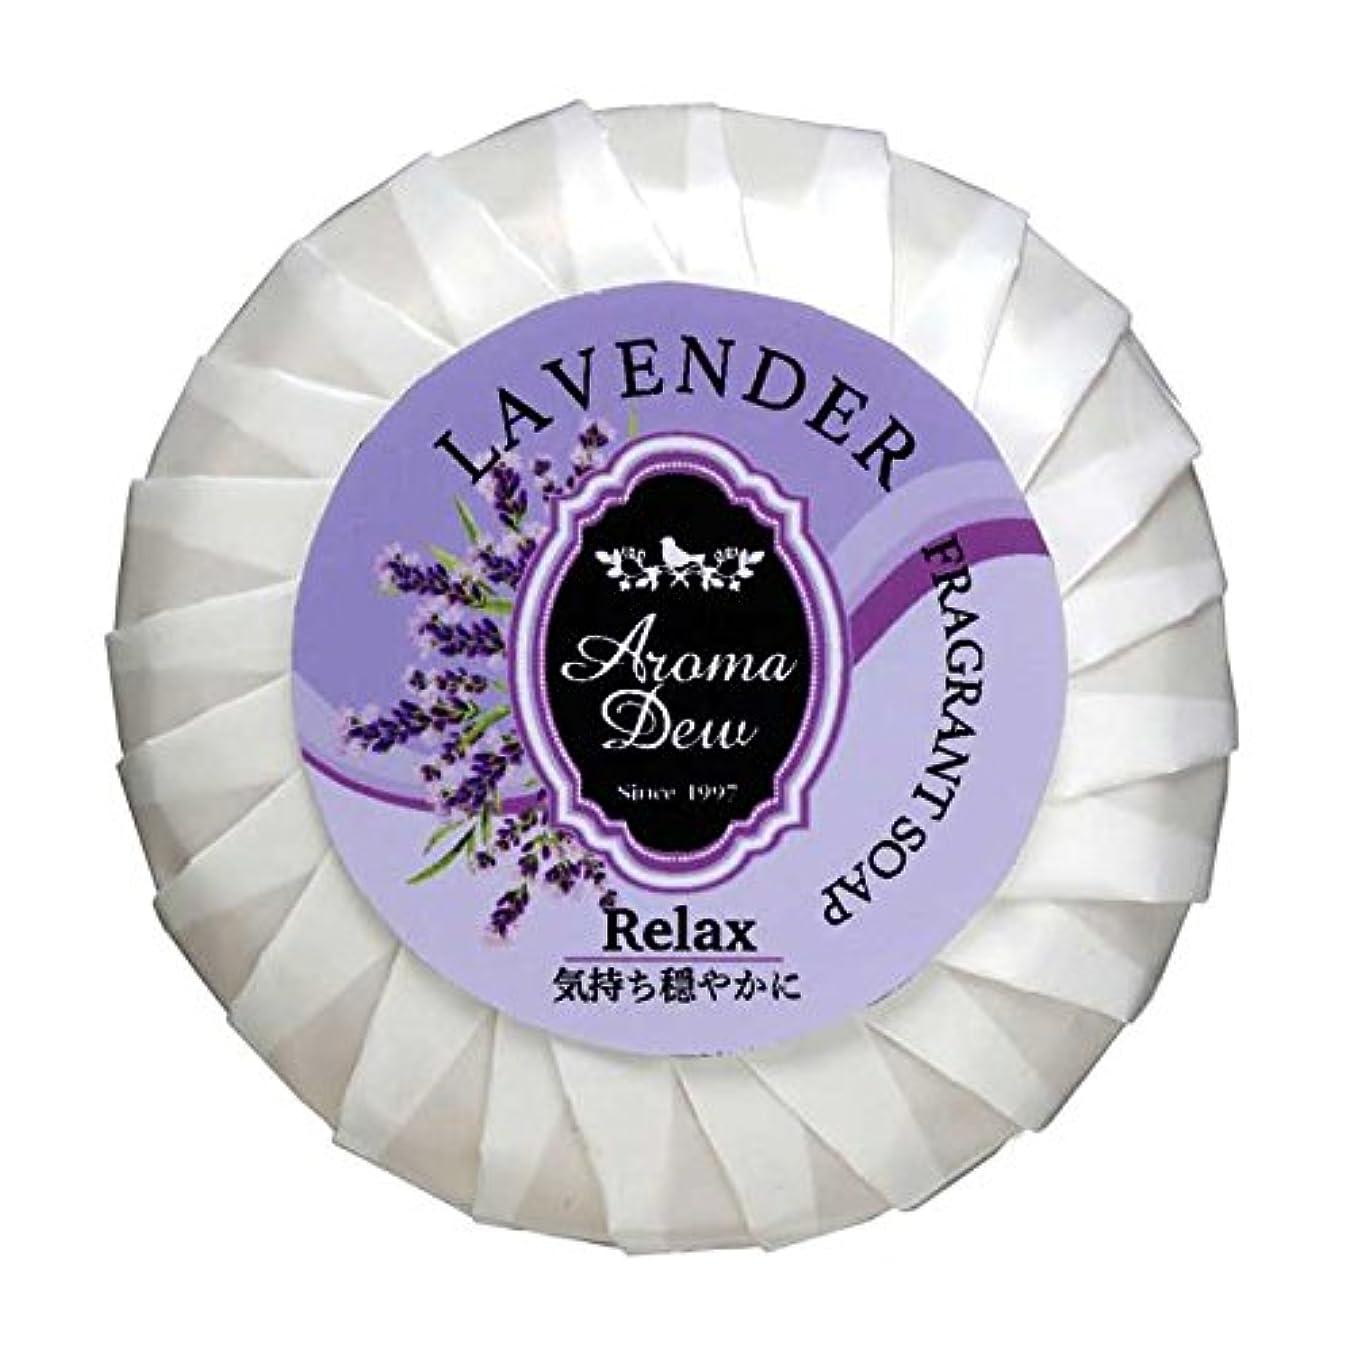 ナイロンリーズ道に迷いましたアロマデュウ フレグラントソープ ラベンダーの香り 100g